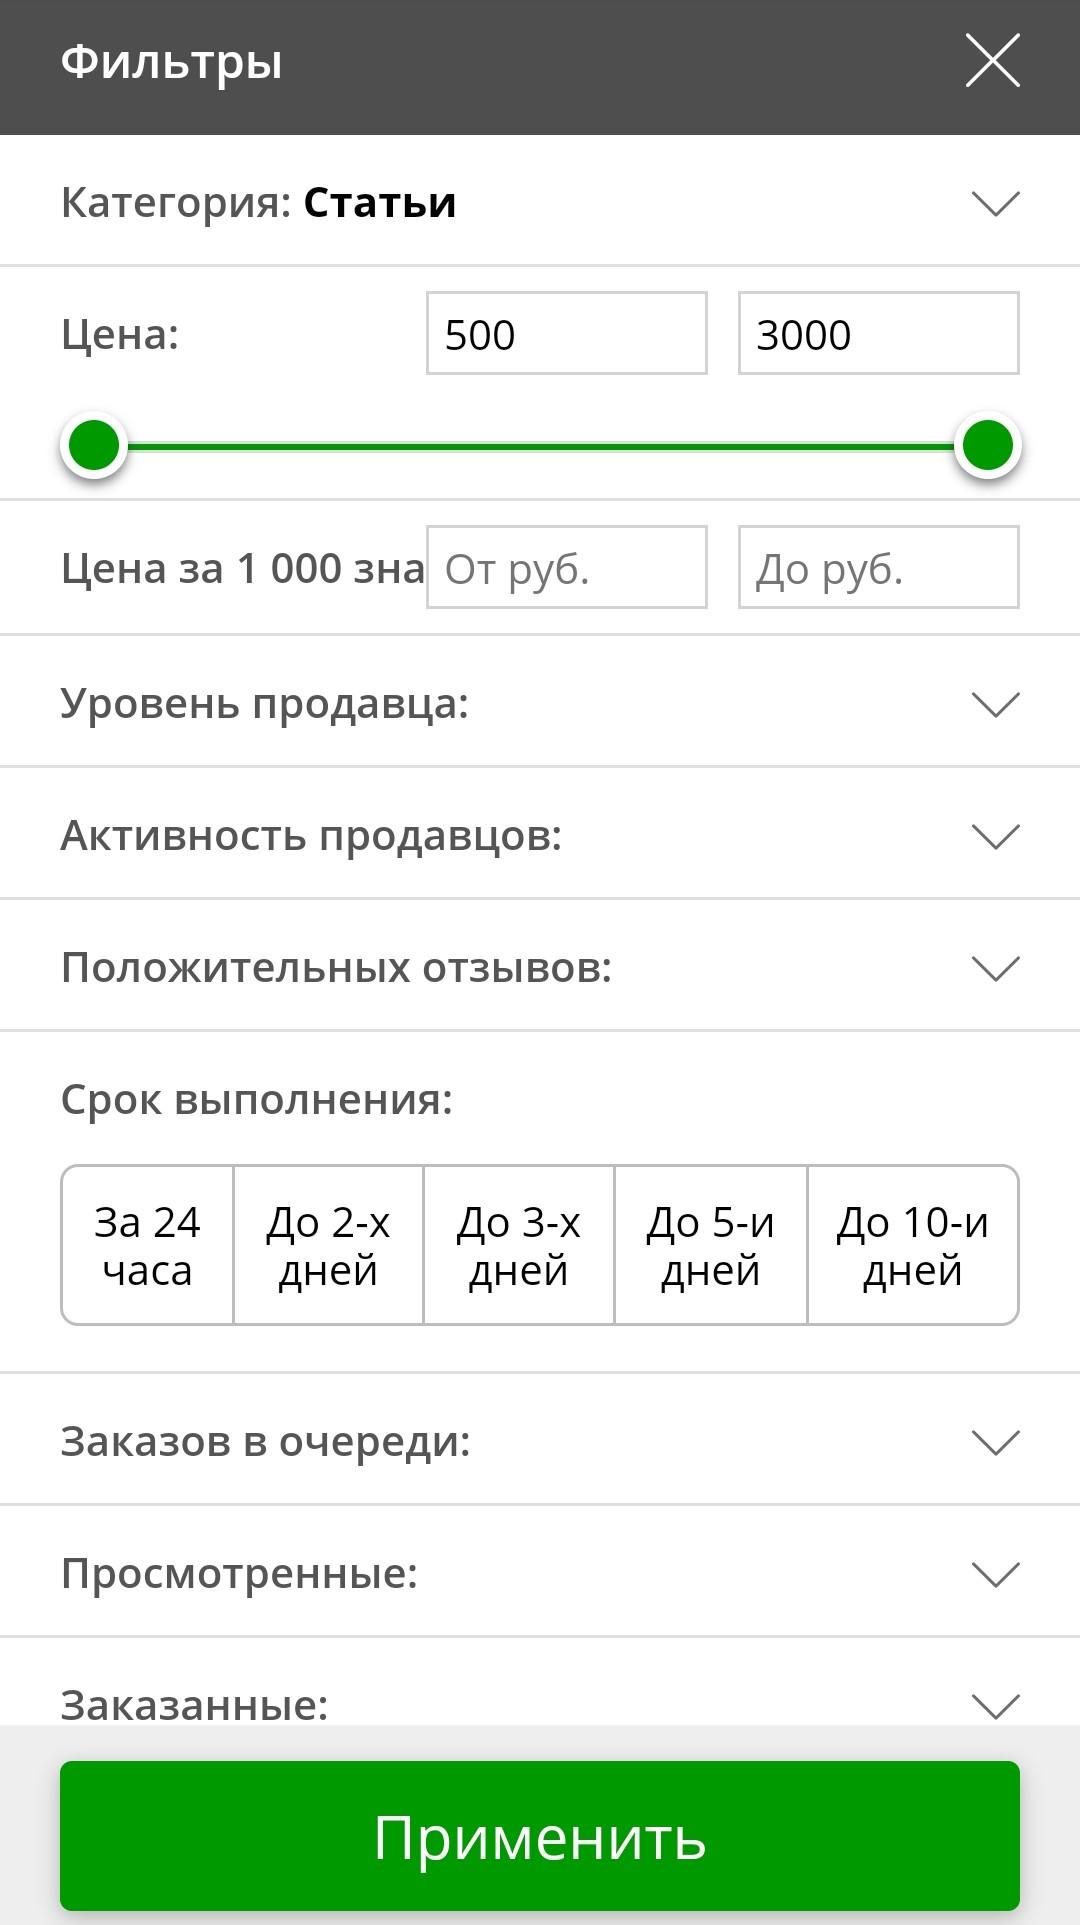 Новые фильтры в мобильной версии